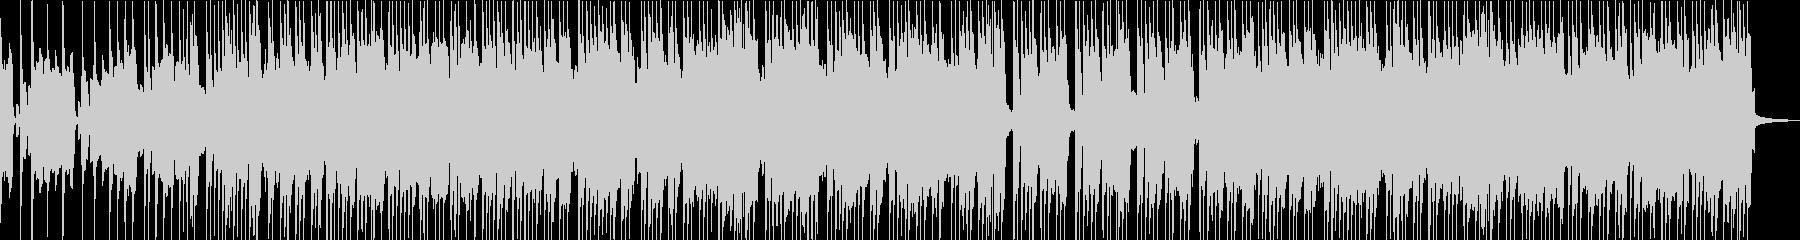 アップテンポサビなし定調なロックBGMの未再生の波形